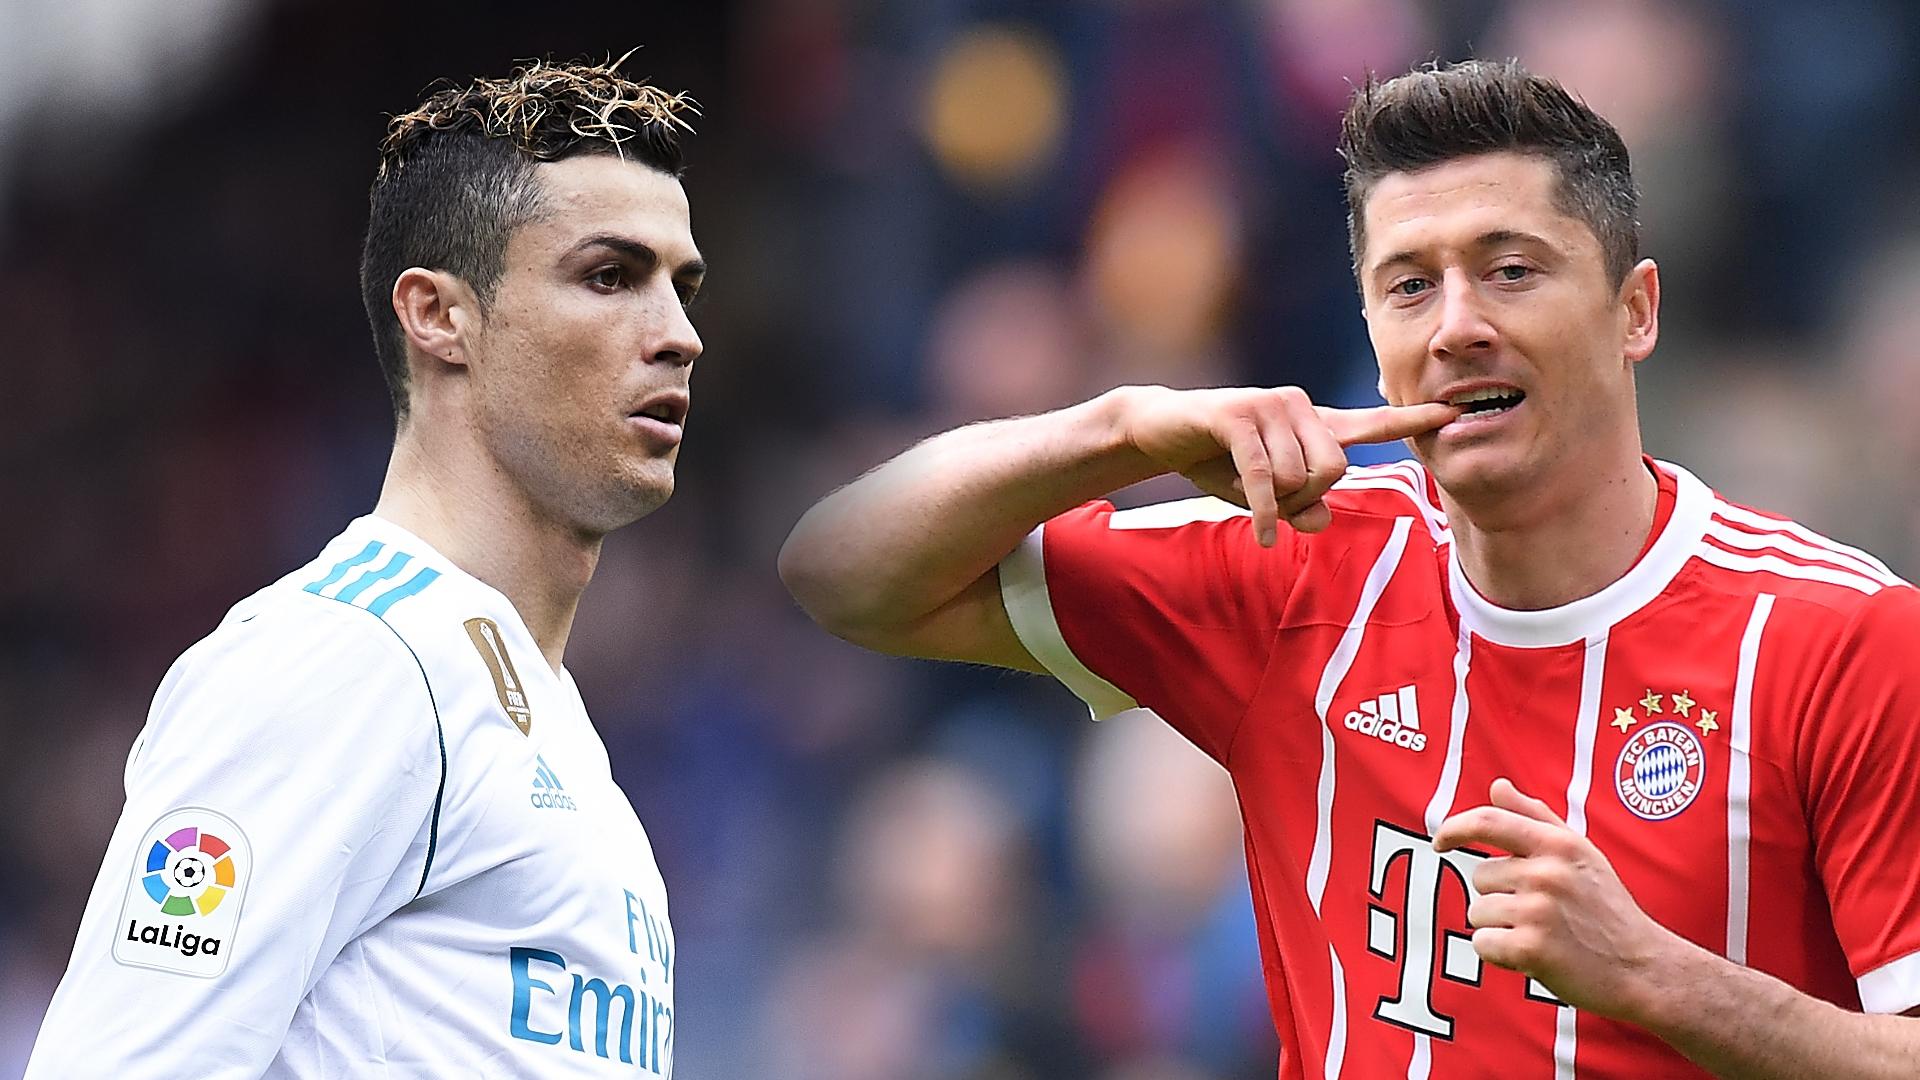 Cristiano Ronaldo thể hiện đẳng cấp của mình khi công nhận tài năng của Robert Lewandowski